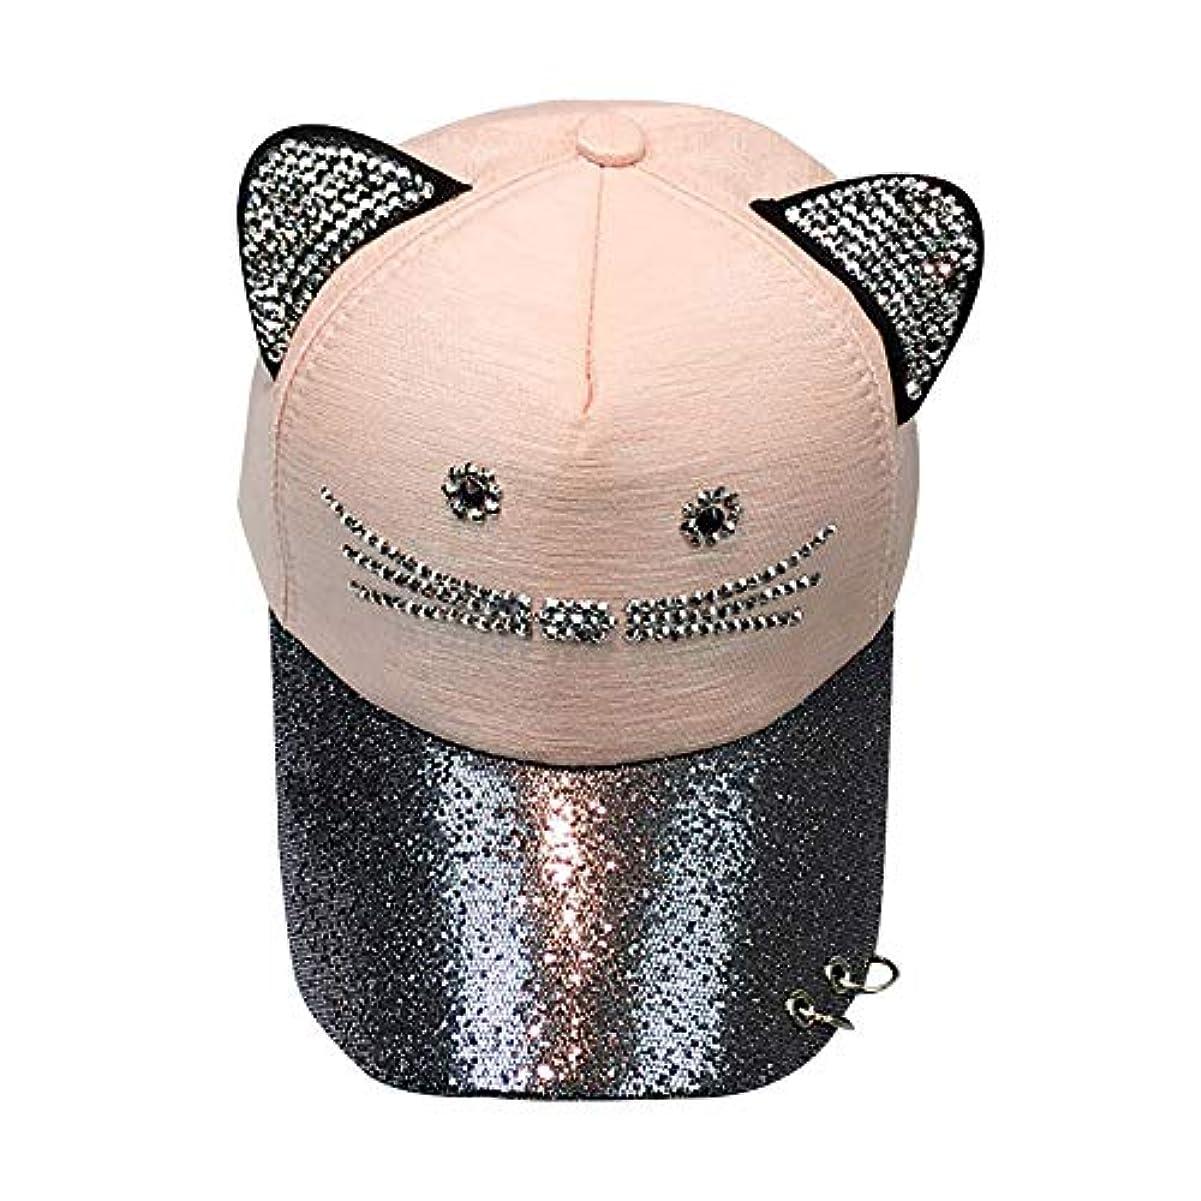 広告内陸時Racazing Cap 野球帽 ヒップホップ メンズ 男女兼用 夏 登山 帽子スパンコール 可調整可能 プラスベルベット 棒球帽 UV 帽子 軽量 屋外 Unisex Hat